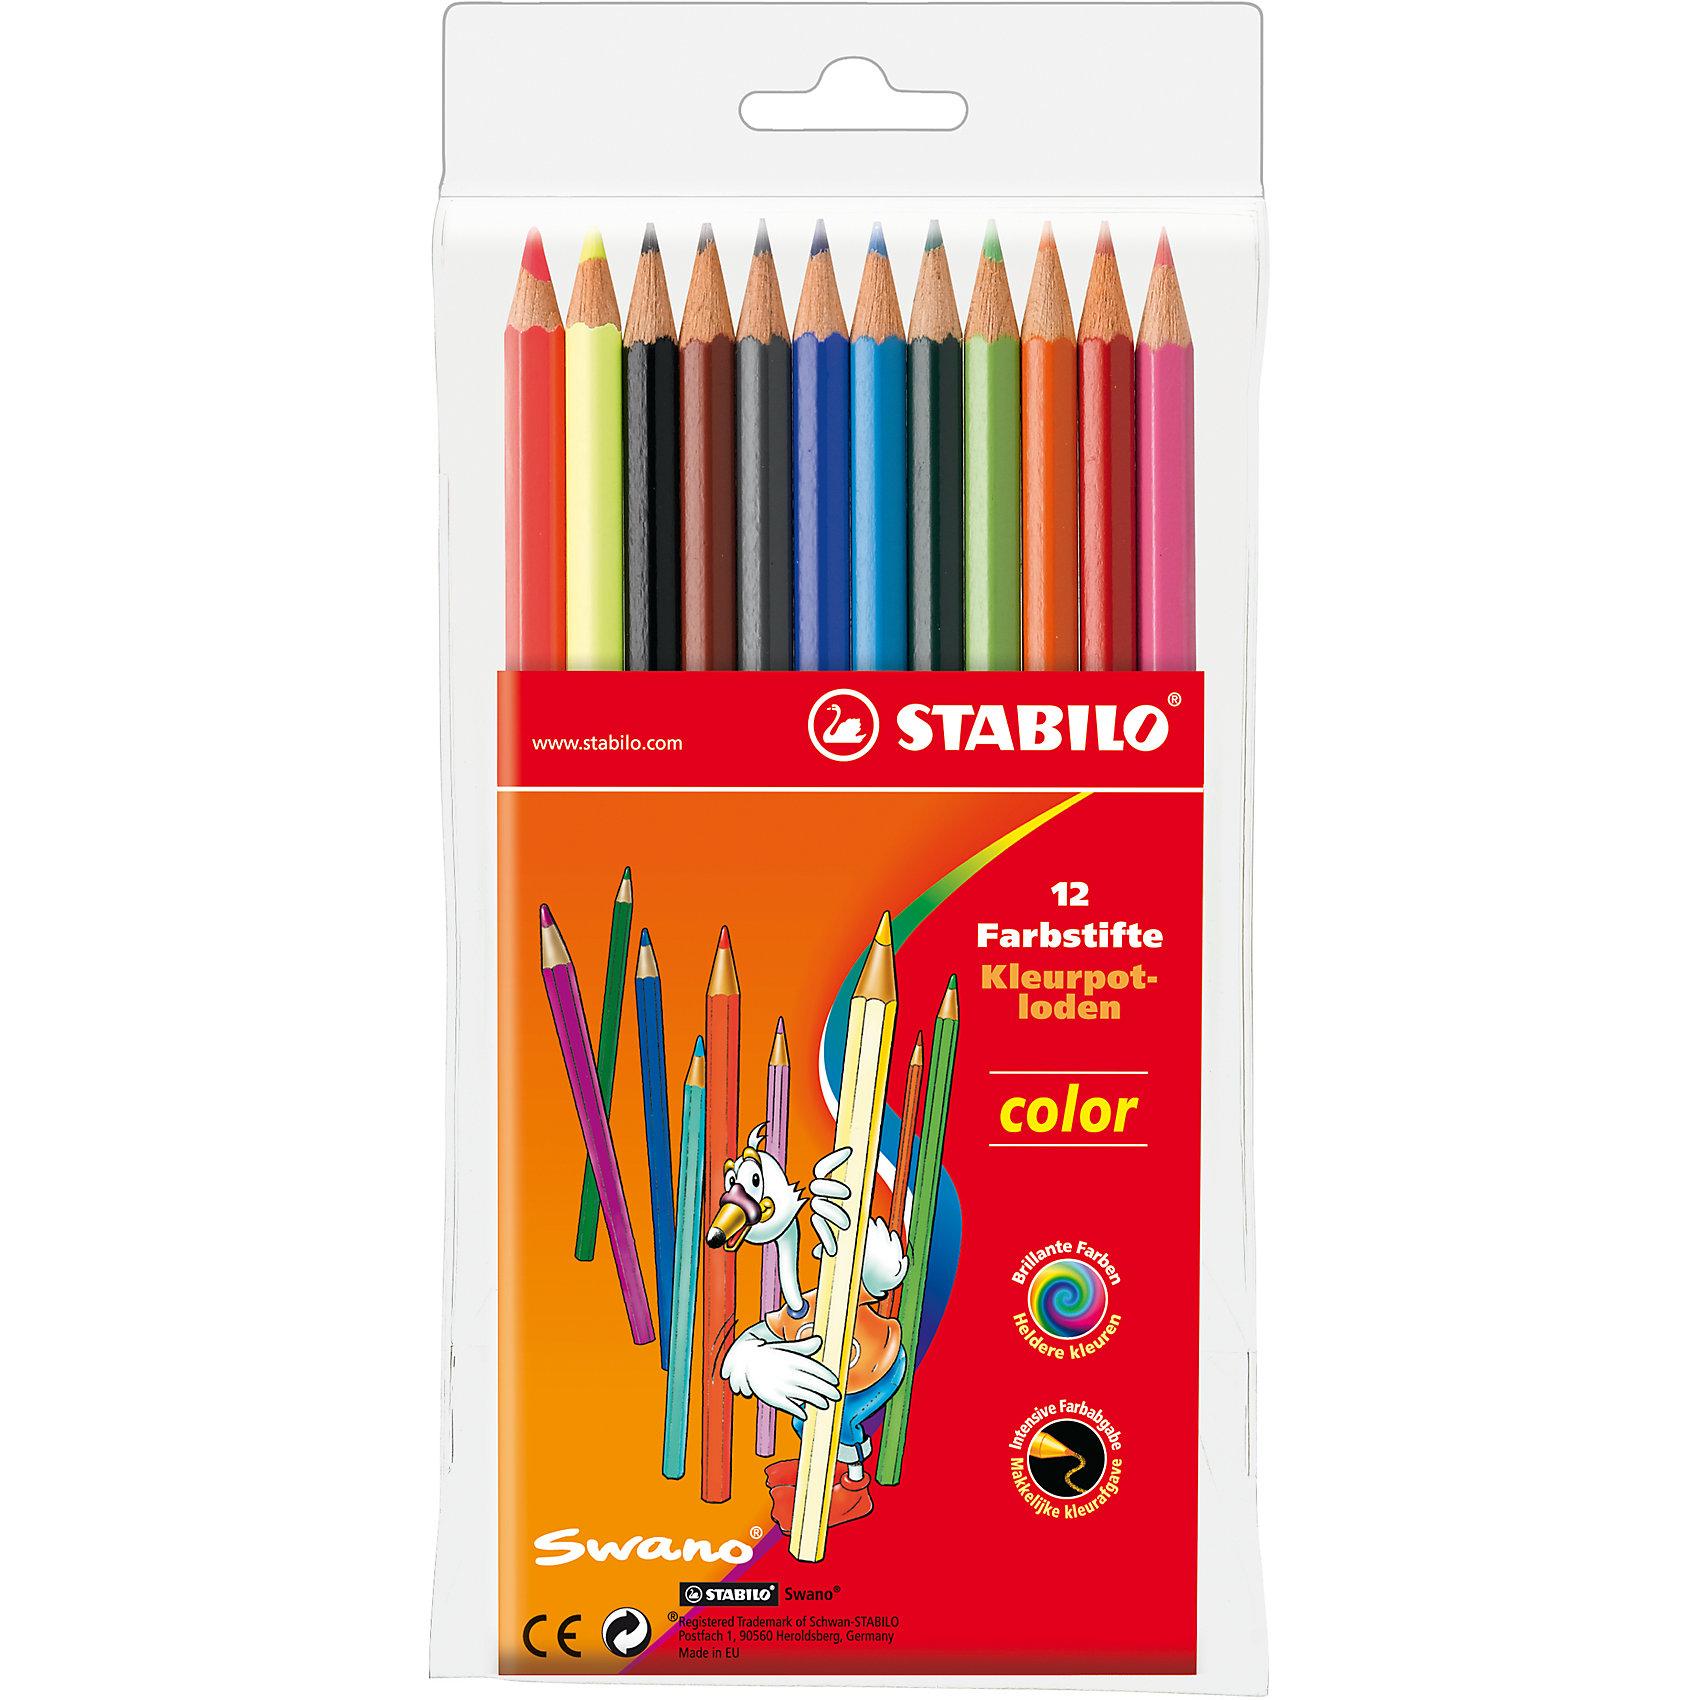 STABILO Color  Набор цветных карандашей 12цвРисование<br>Набор цветных карандашей 10+2 цв. от марки Stabilo<br><br>Эти карандаши созданы немецкой компанией для комфортного и легкого рисования. Легко затачиваются, при этом грифель очень устойчив к поломкам. Цвета яркие, линия мягкая и однородная. Будут долго держаться на бумаге и не выцветать. Рисование помогает детям развивать усидчивость, воображение, образное восприятие мира, а также мелкую моторику рук.  <br>Грифель - из высококачественного материала. В наборе - 12 карандашей разных цветов (10 основных цветов и 2 флуоресцентных). Они отлично лежат в руке благодаря удобной форме и качественному покрытию.<br><br>Особенности данной модели:<br><br>комплектация: 12 шт.<br><br>Набор цветных карандашей 10+2 цв. от марки Stabilo можно купить в нашем магазине.<br><br>Ширина мм: 100<br>Глубина мм: 202<br>Высота мм: 10<br>Вес г: 180<br>Возраст от месяцев: 36<br>Возраст до месяцев: 216<br>Пол: Унисекс<br>Возраст: Детский<br>SKU: 3157356